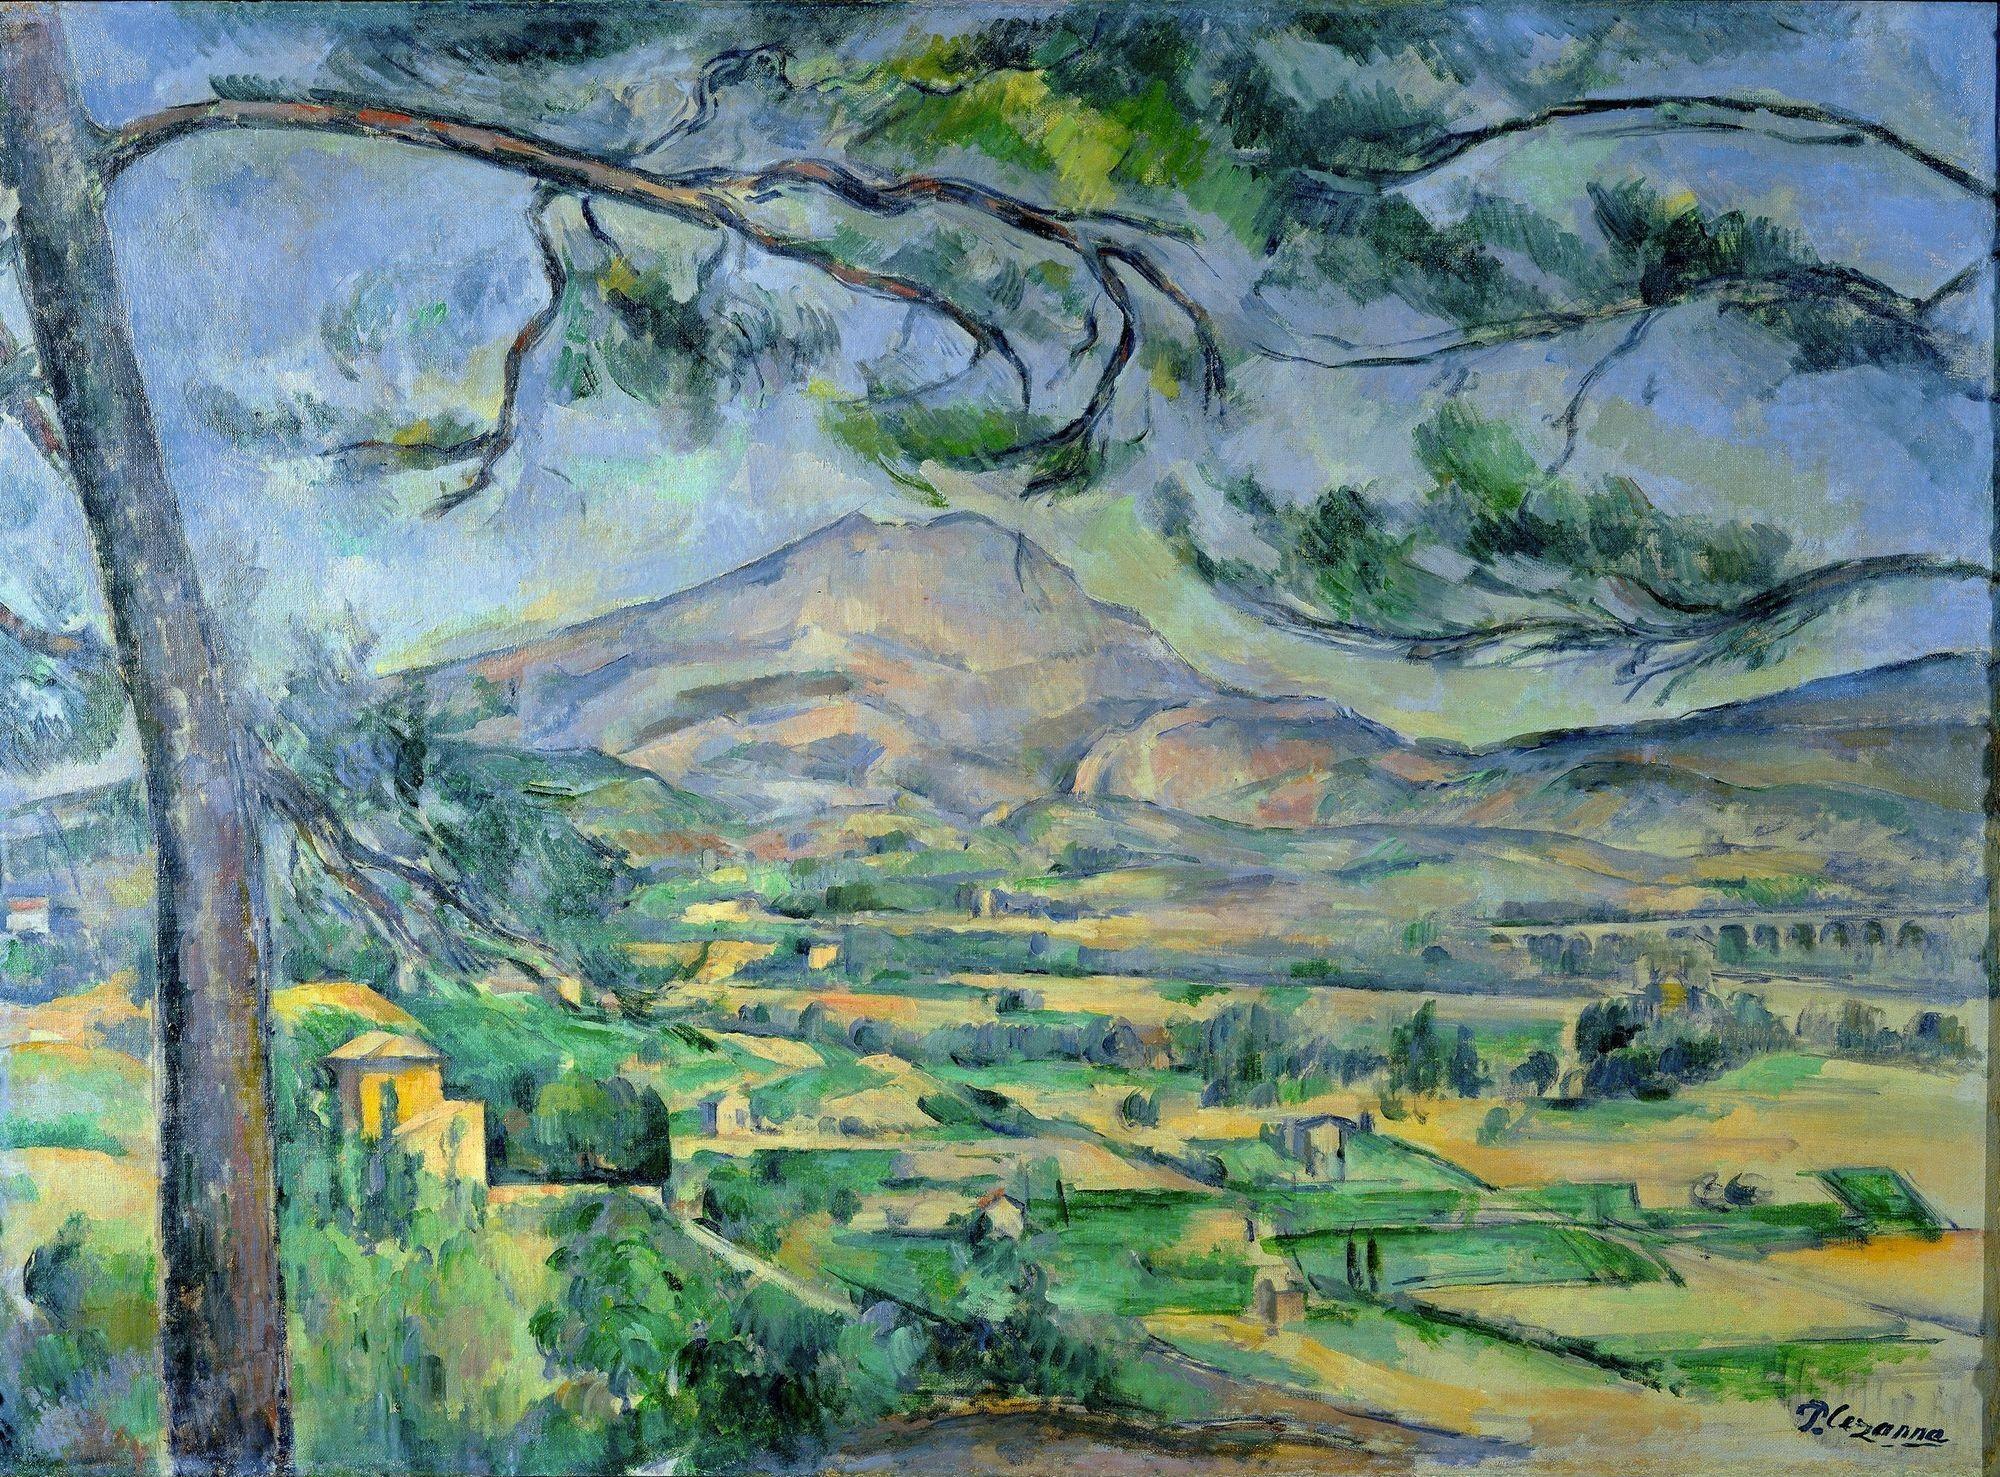 La montagne Sainte‑Victoire (près d'Aix‑en‑Provence) peinte par Cézanne